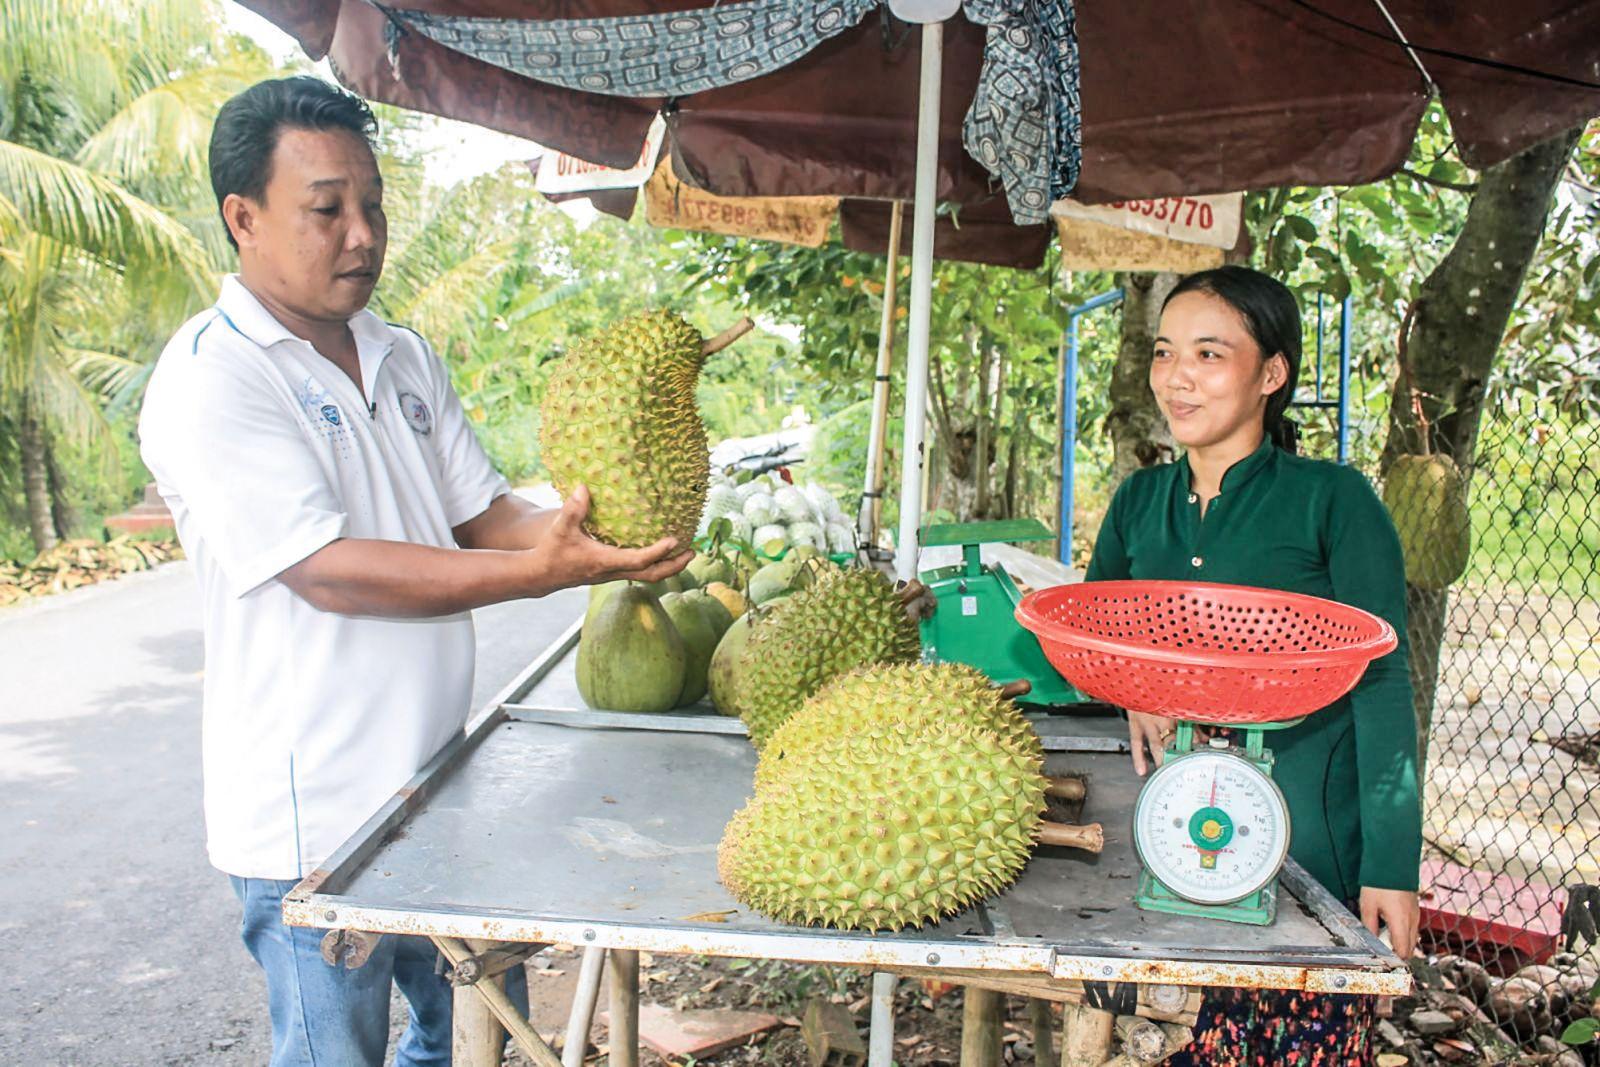 Điểm bán trái cây của chị  Nguyễn Thị Thu Trang ở xã Tân Thới, huyện Phong Điền, TP Cần Thơ. Ảnh: KHÁNH TRUNG